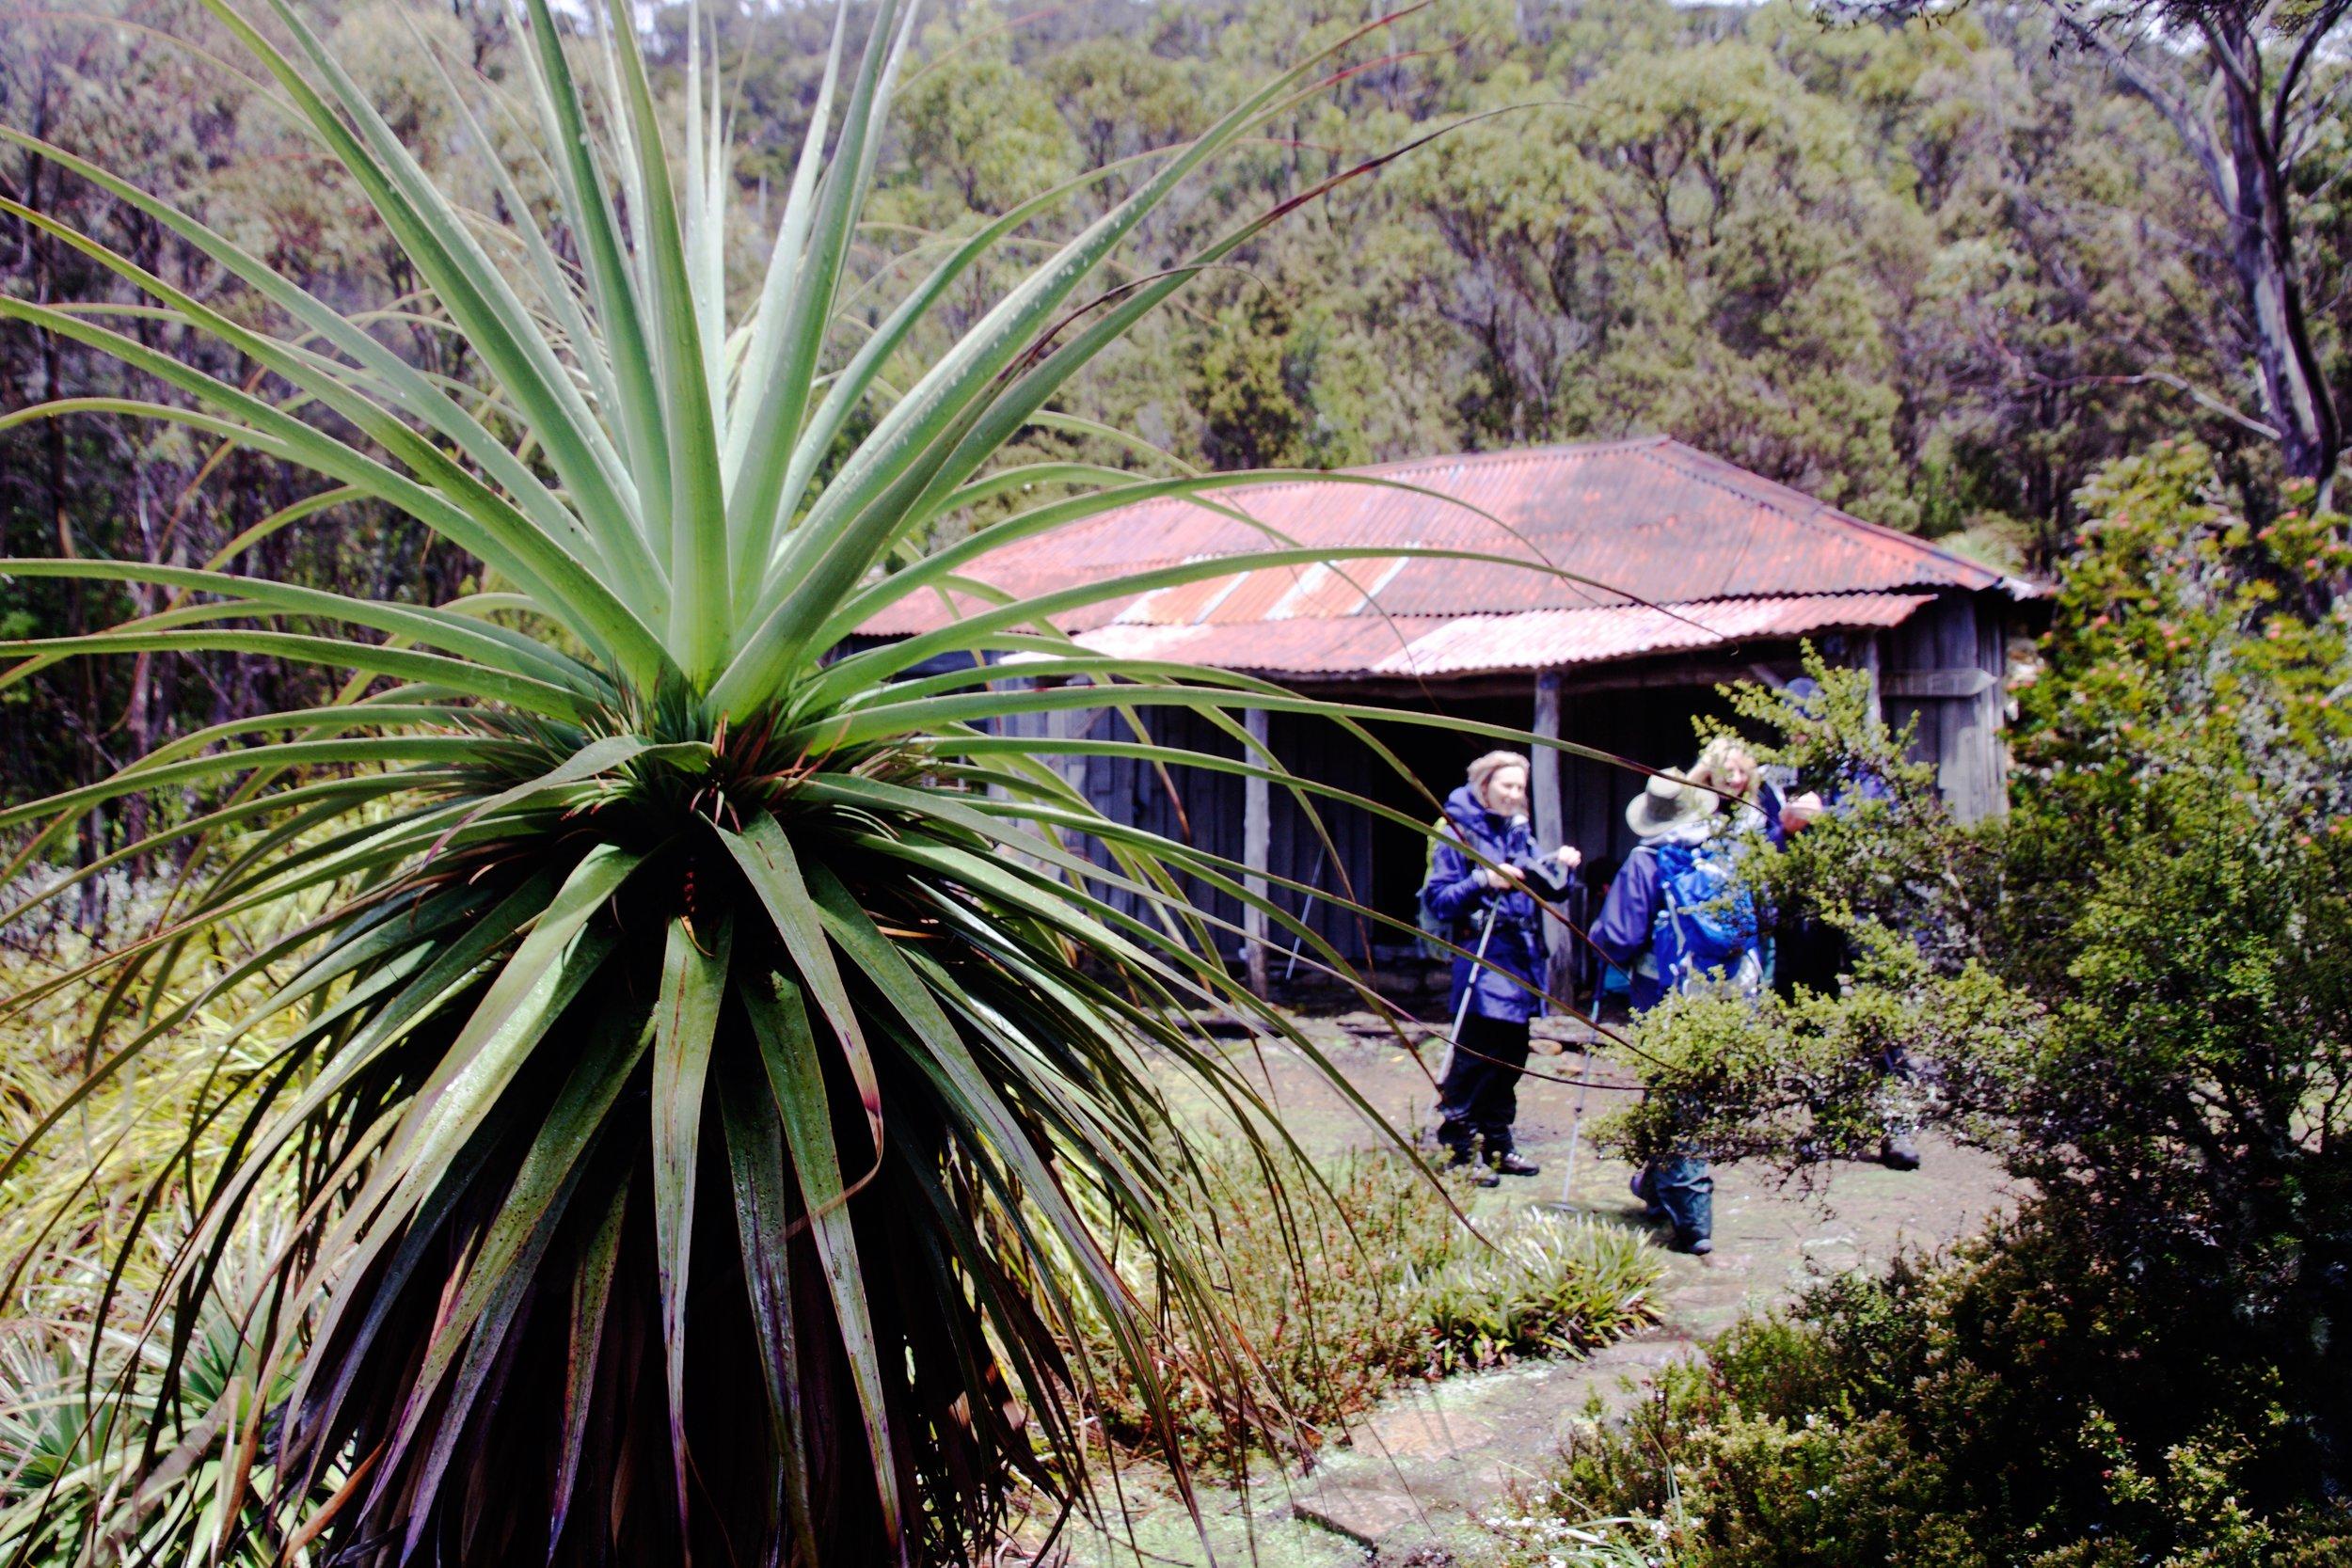 Richea pandanifolia and Twilight Tarn Hut